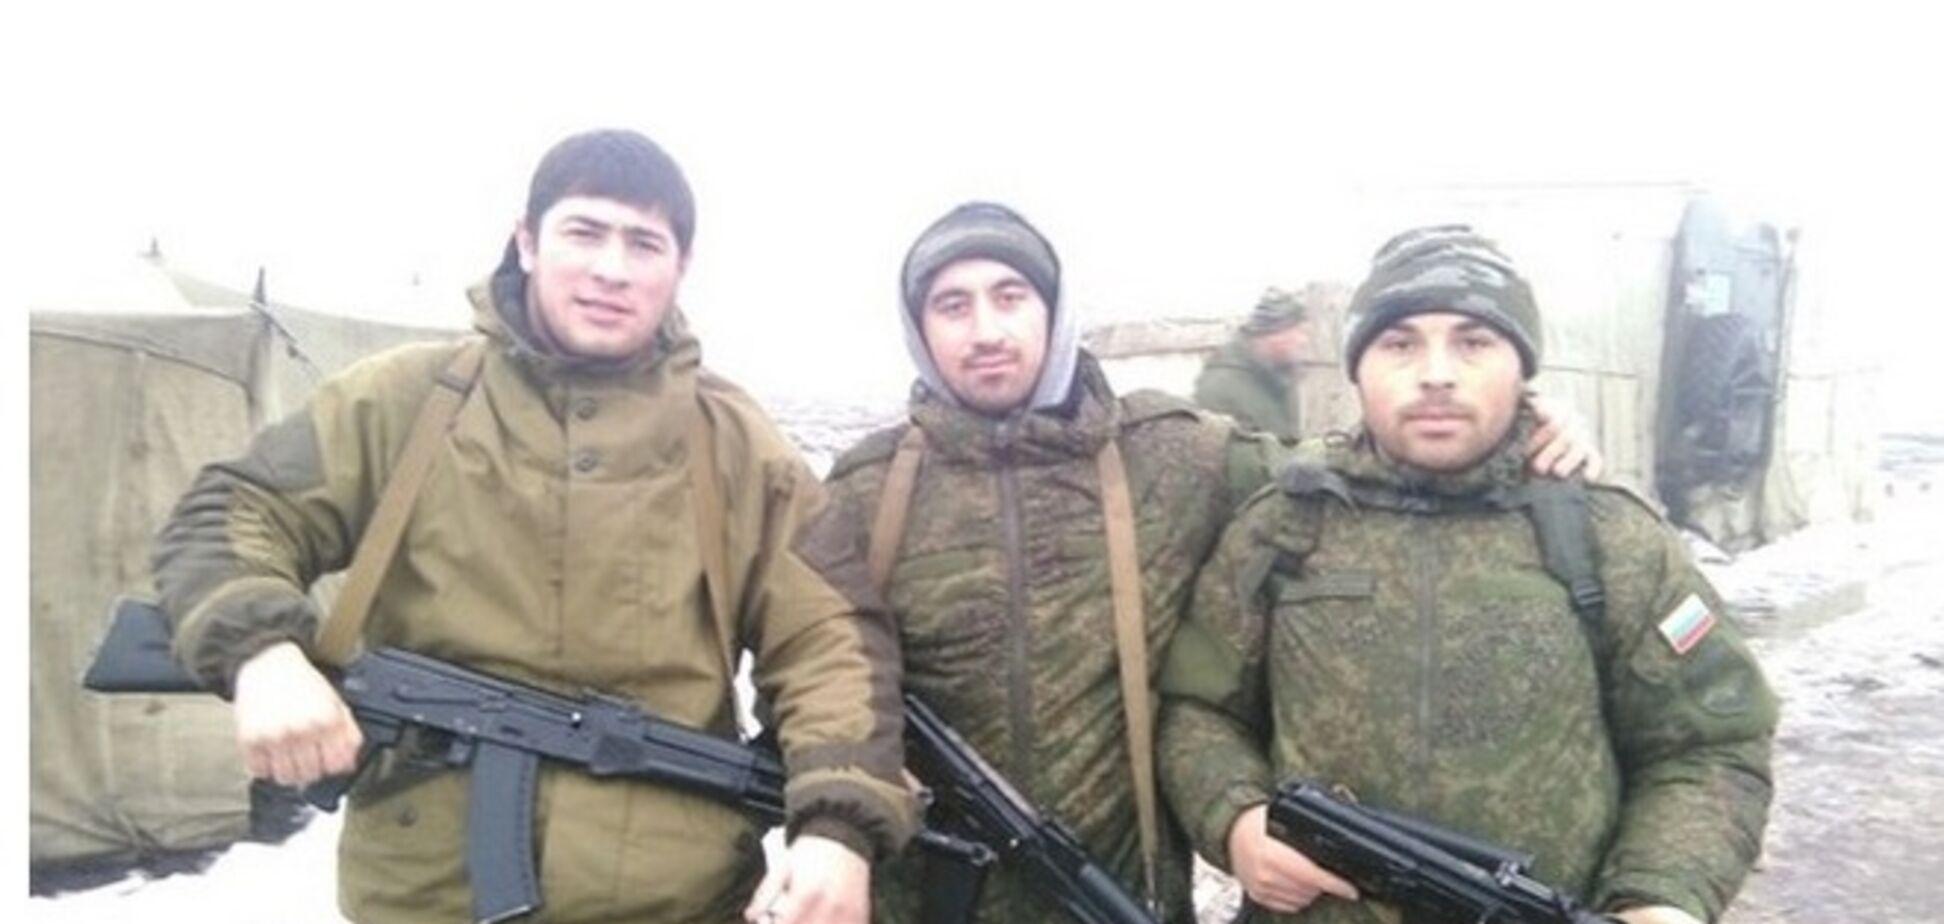 В тренировочном лагере российские диверсанты вживаются в роль 'ополченцев' по системе Станиславского: фотофакт